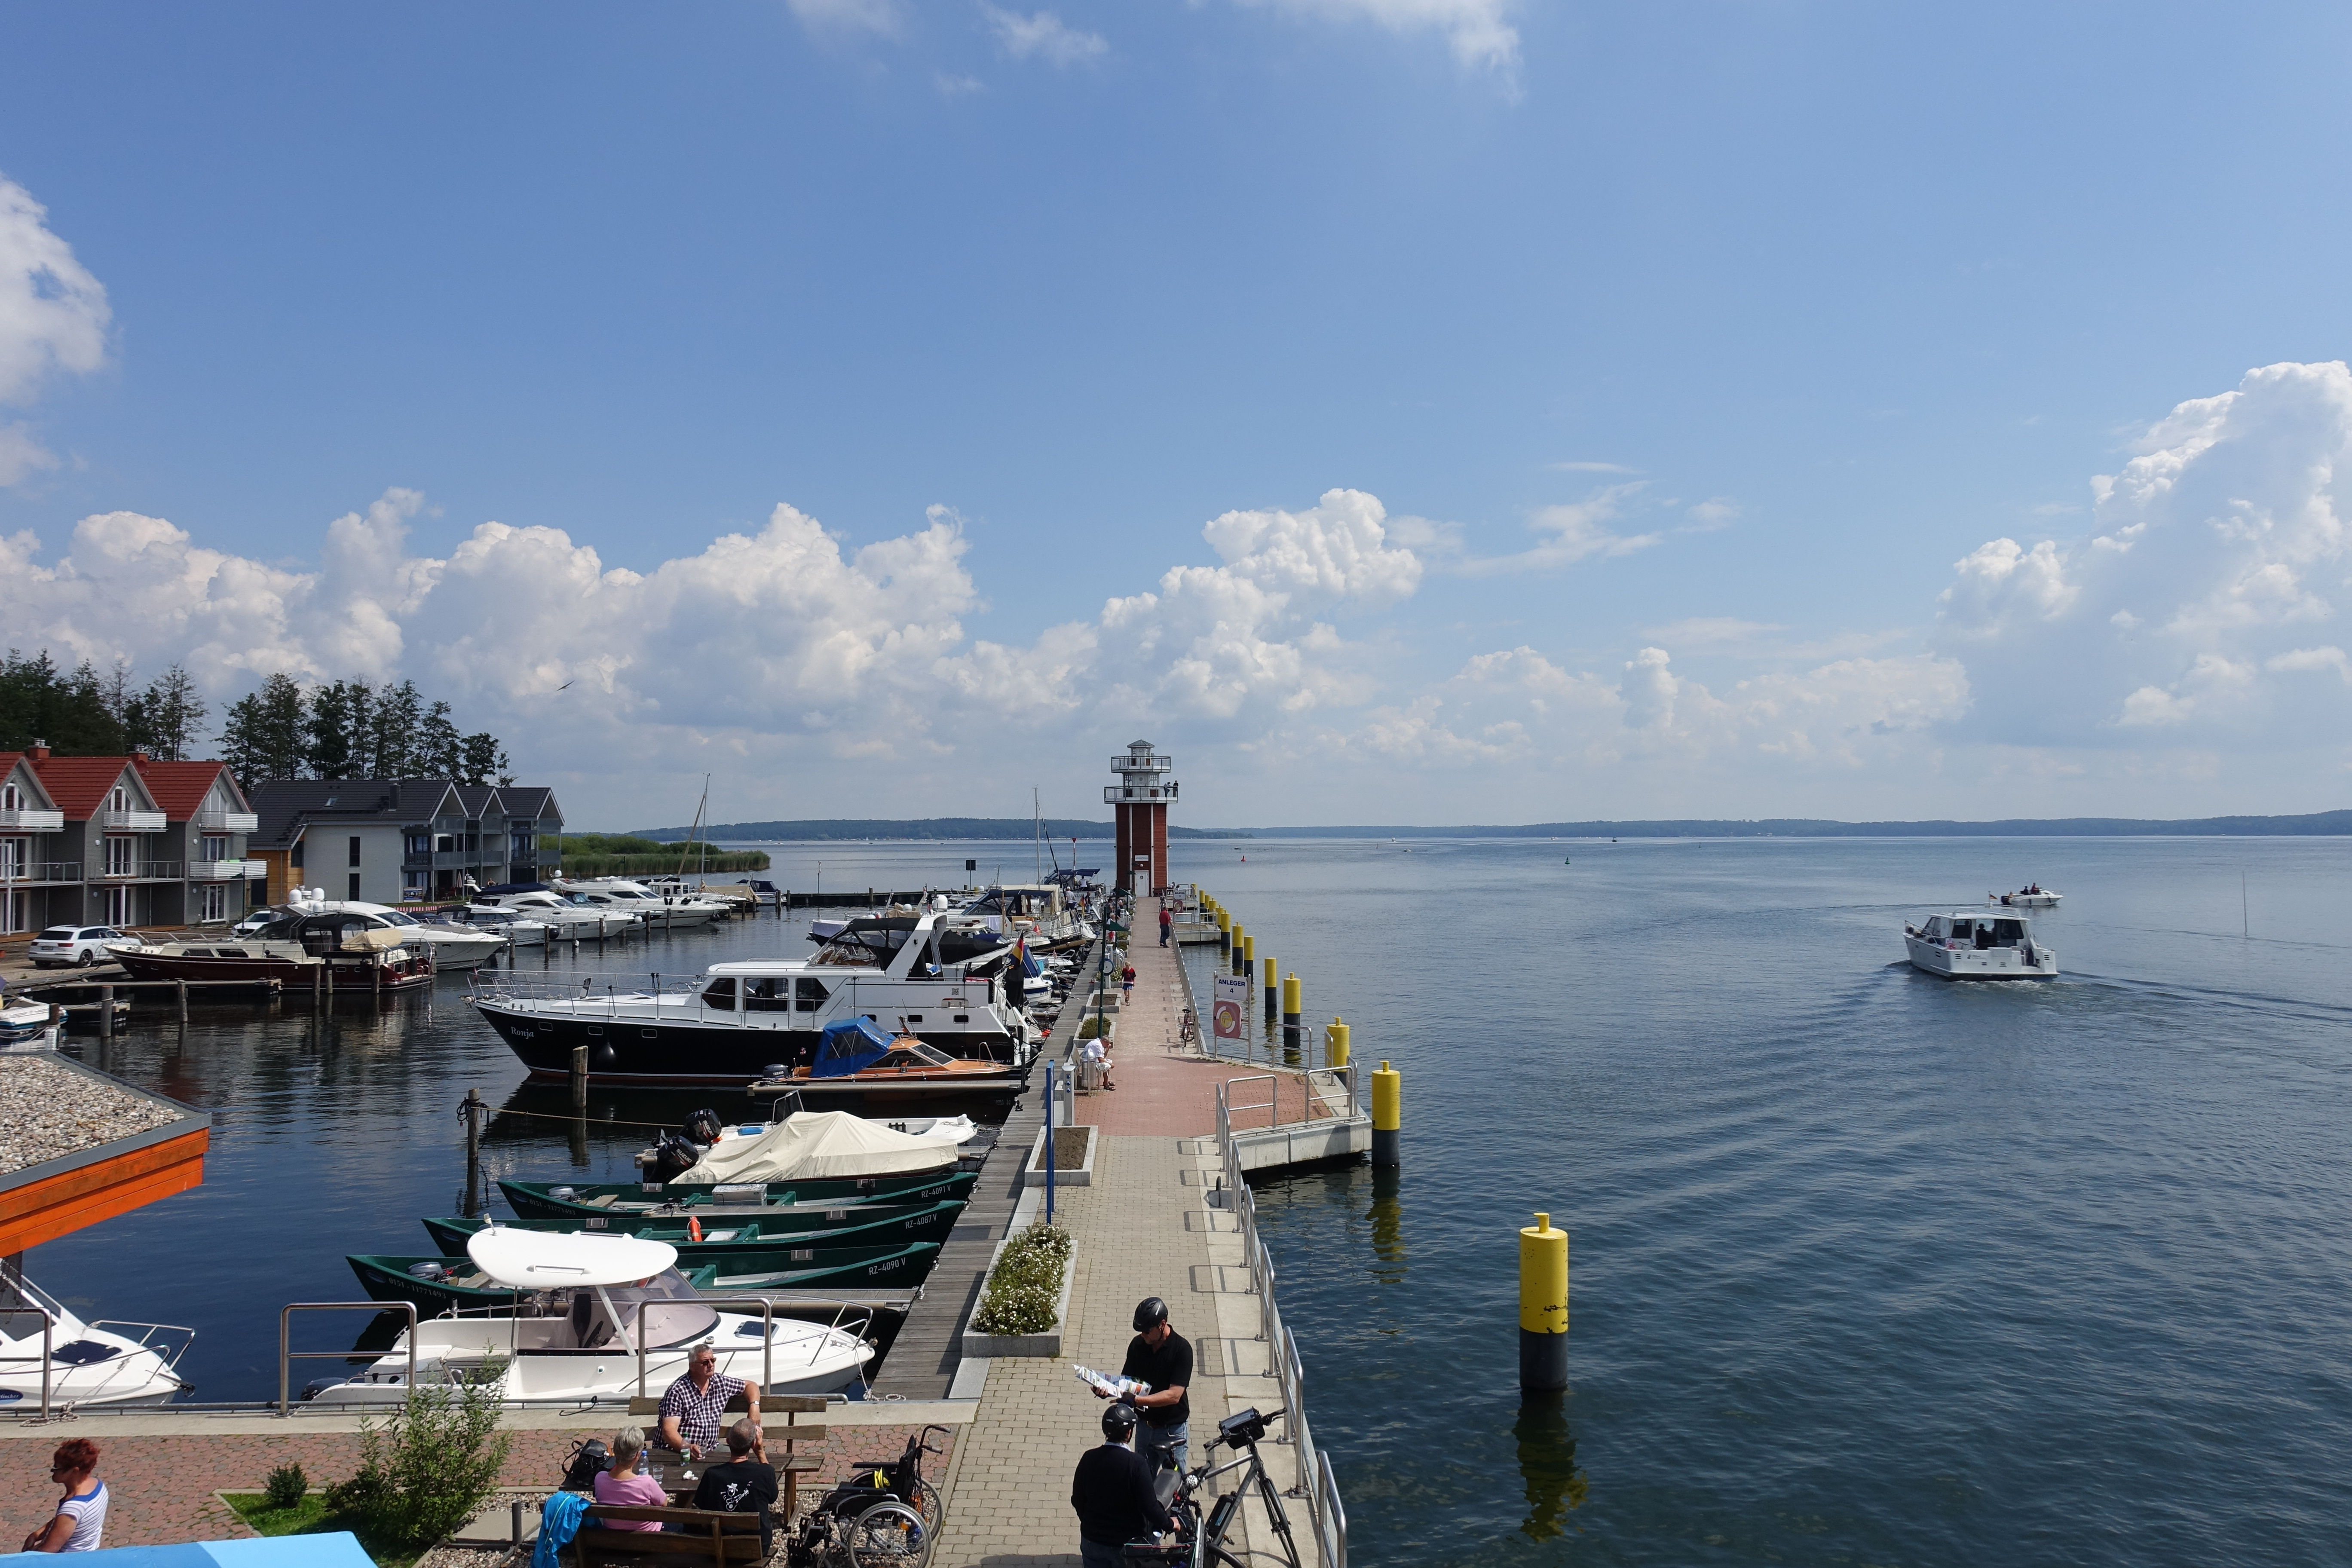 Der Leuchtturm in Plau am See